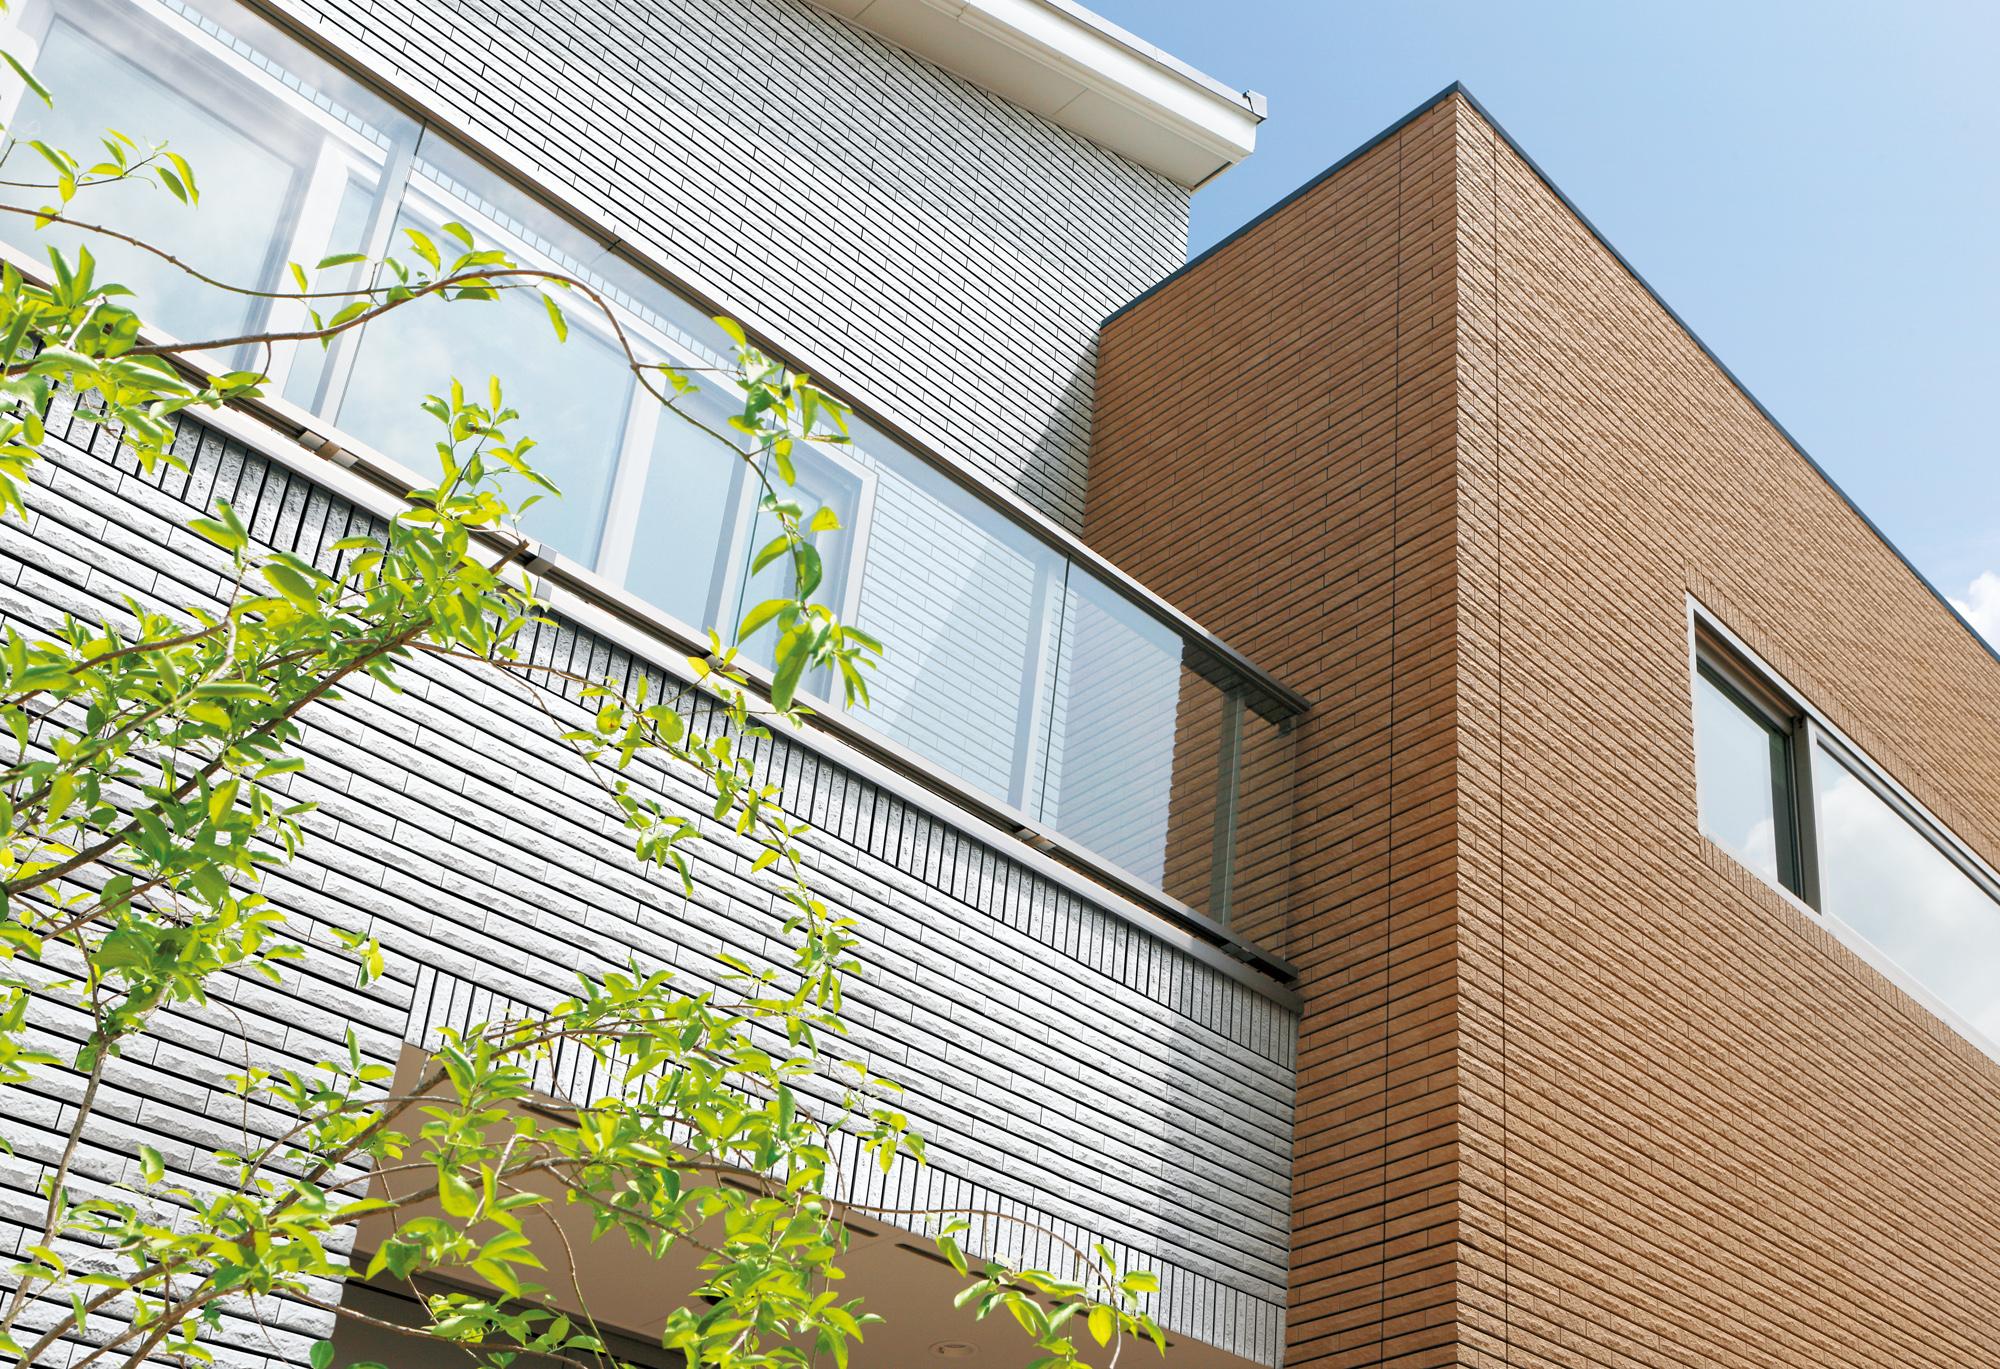 全館床暖房を標準搭載(商品タイプにより異なります。)家中快適・安全・安心がそろって光熱費もオトクに!!詳しくは展示場まで